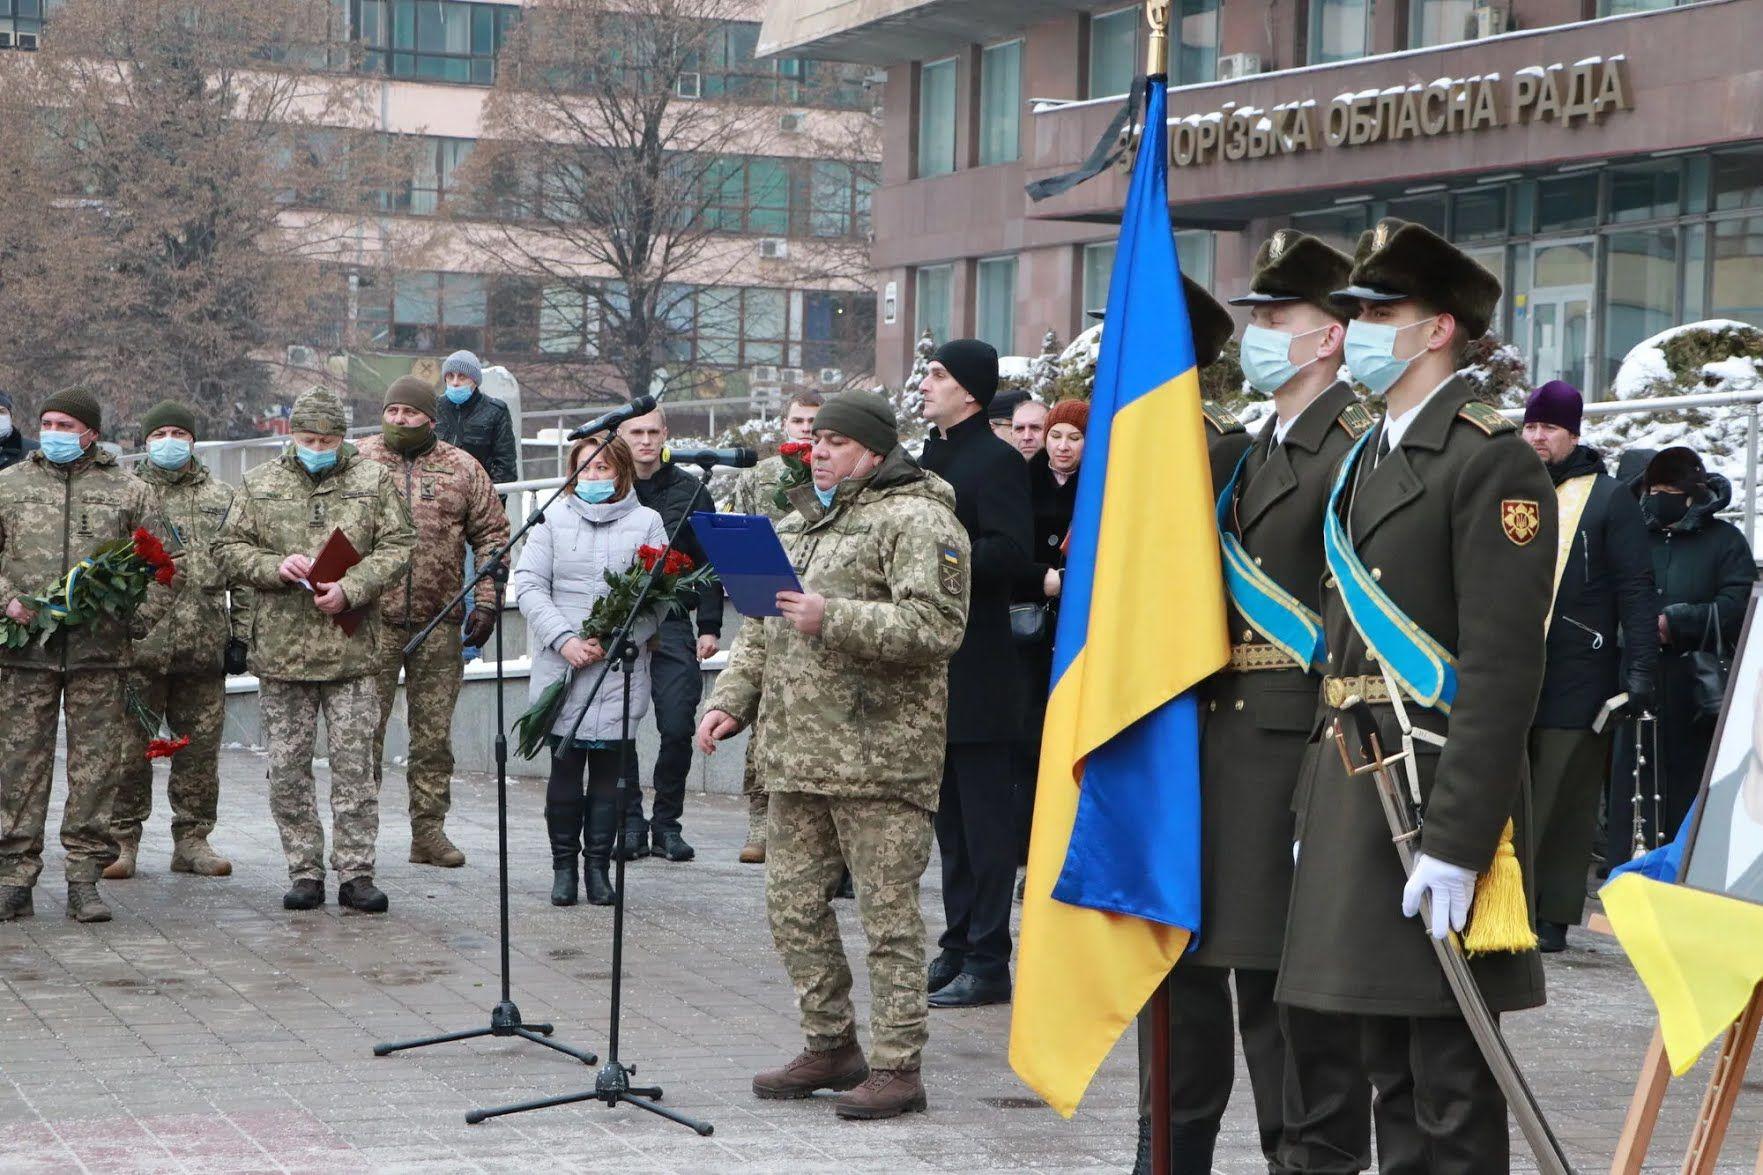 Прощание с защитником Украины